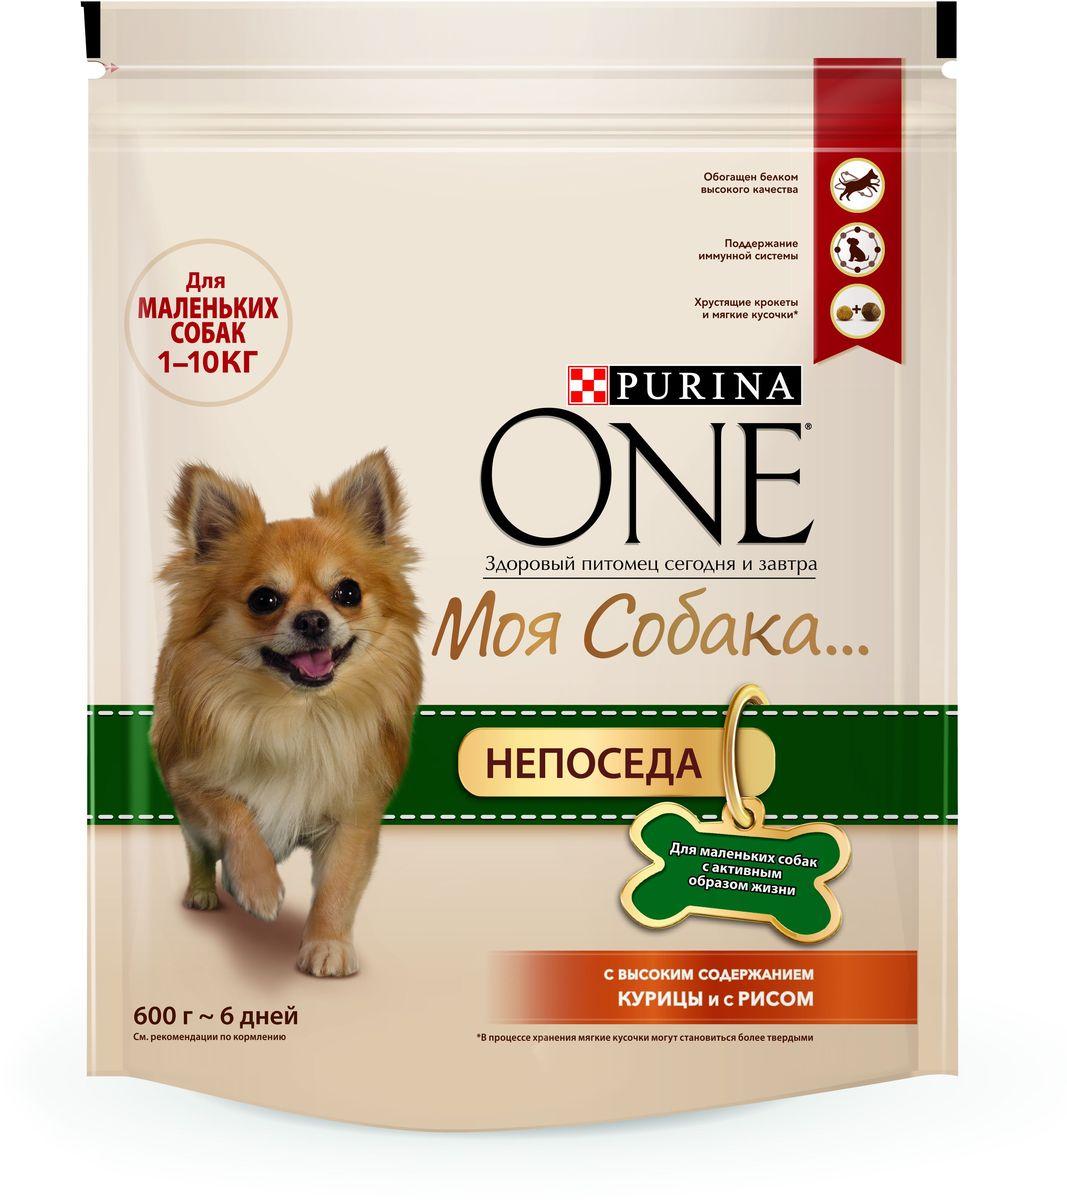 Корм сухой Purina One Мини Моя Собака…Непоседа, с курицей и рисом, 600 г12171996Корм сухой Purina One Мини Моя Собака…Непоседа - вкусное сочетание хрустящих крокетов и мягких кусочков с высоким содержанием курицы, отличается высоким уровнем протеинов, которые обеспечивают необходимый заряд энергии и поддержание крепкой иммунной системы. Товар сертифицирован.